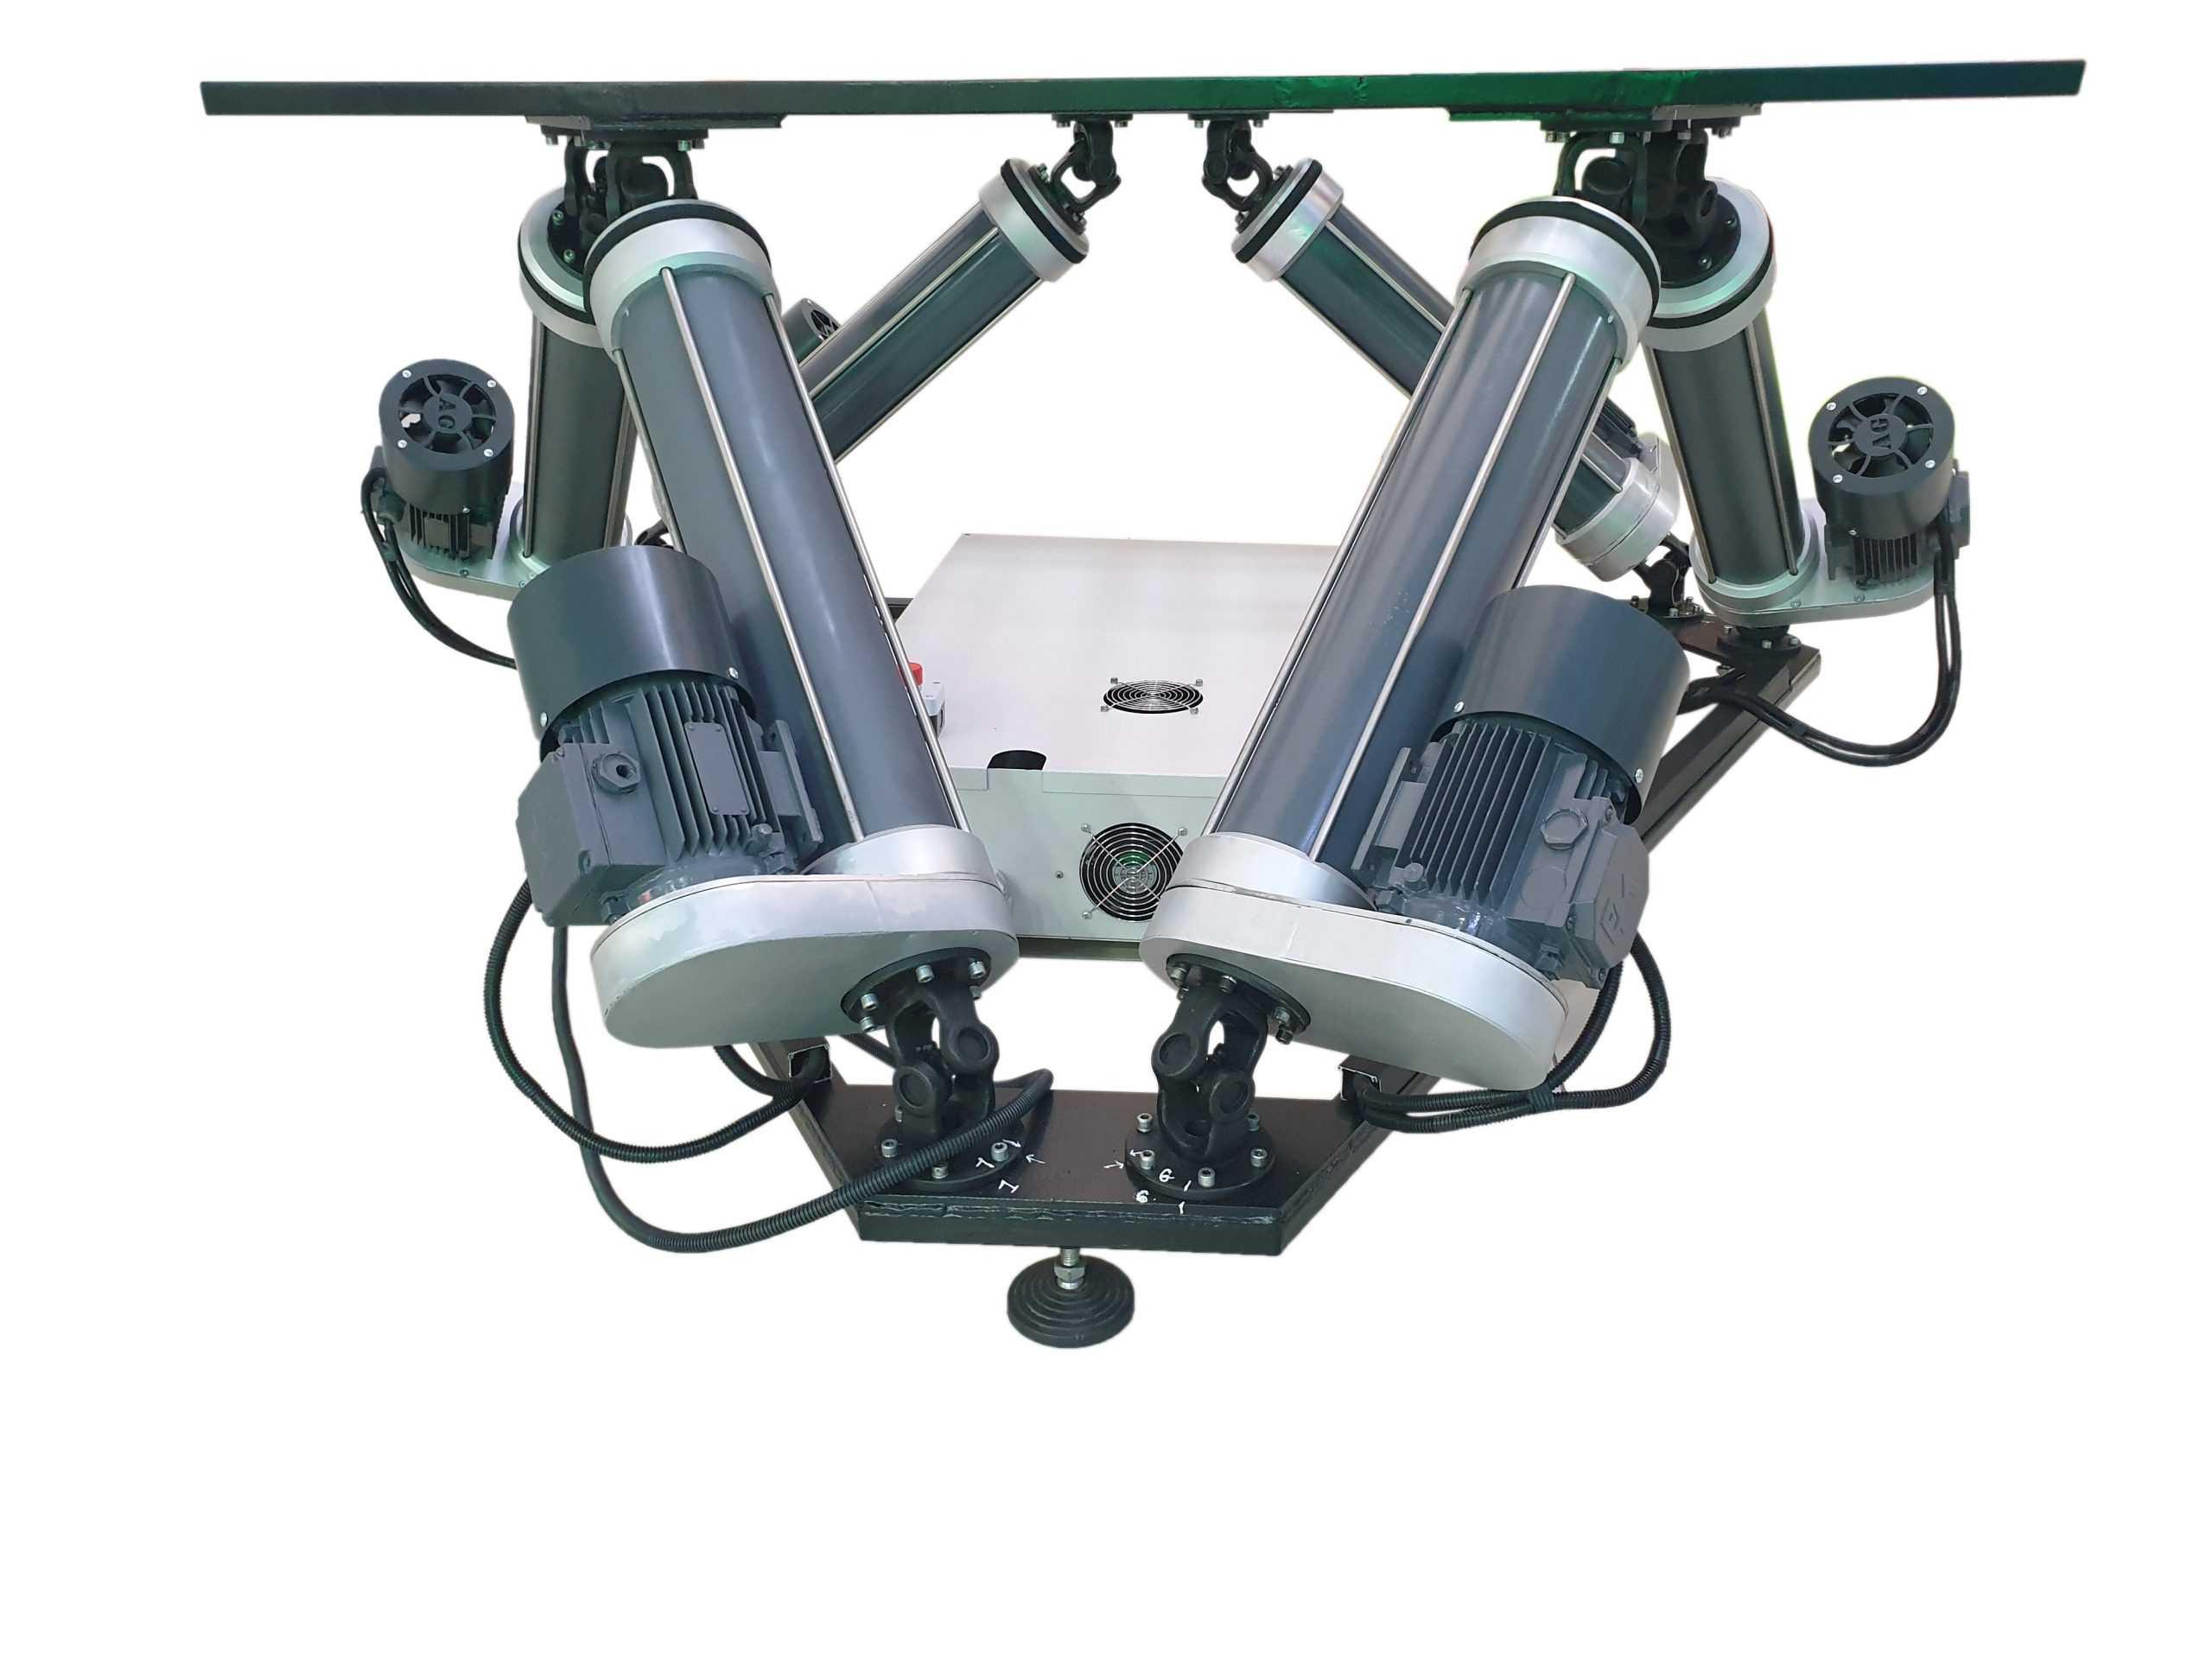 6Dof_1 Full motion simulator 2dof, 3dof,4dof,6dof motion platform